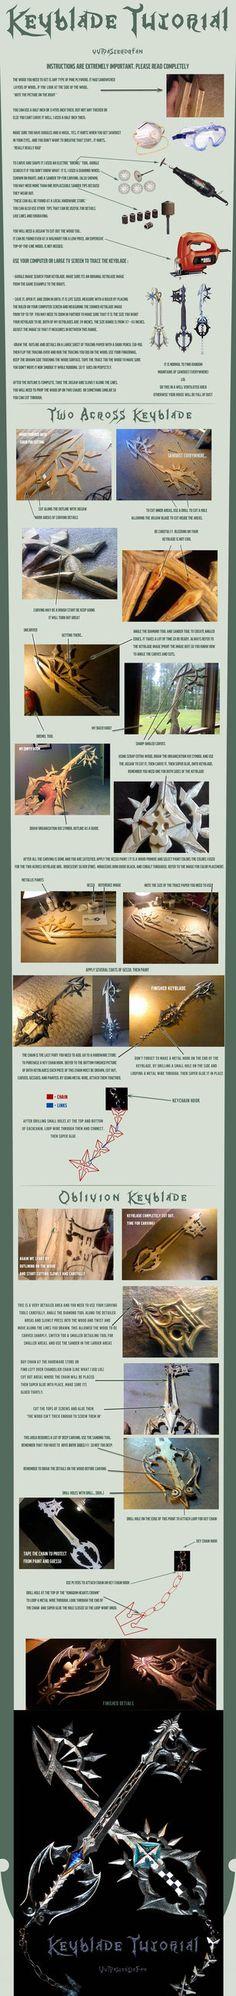 TWO EPIC Keyblade Tutorials ----- TIIIIIIIIMBER!!!! KAAAATIEEEE!!!! Lookit what I found!!!!! o_O